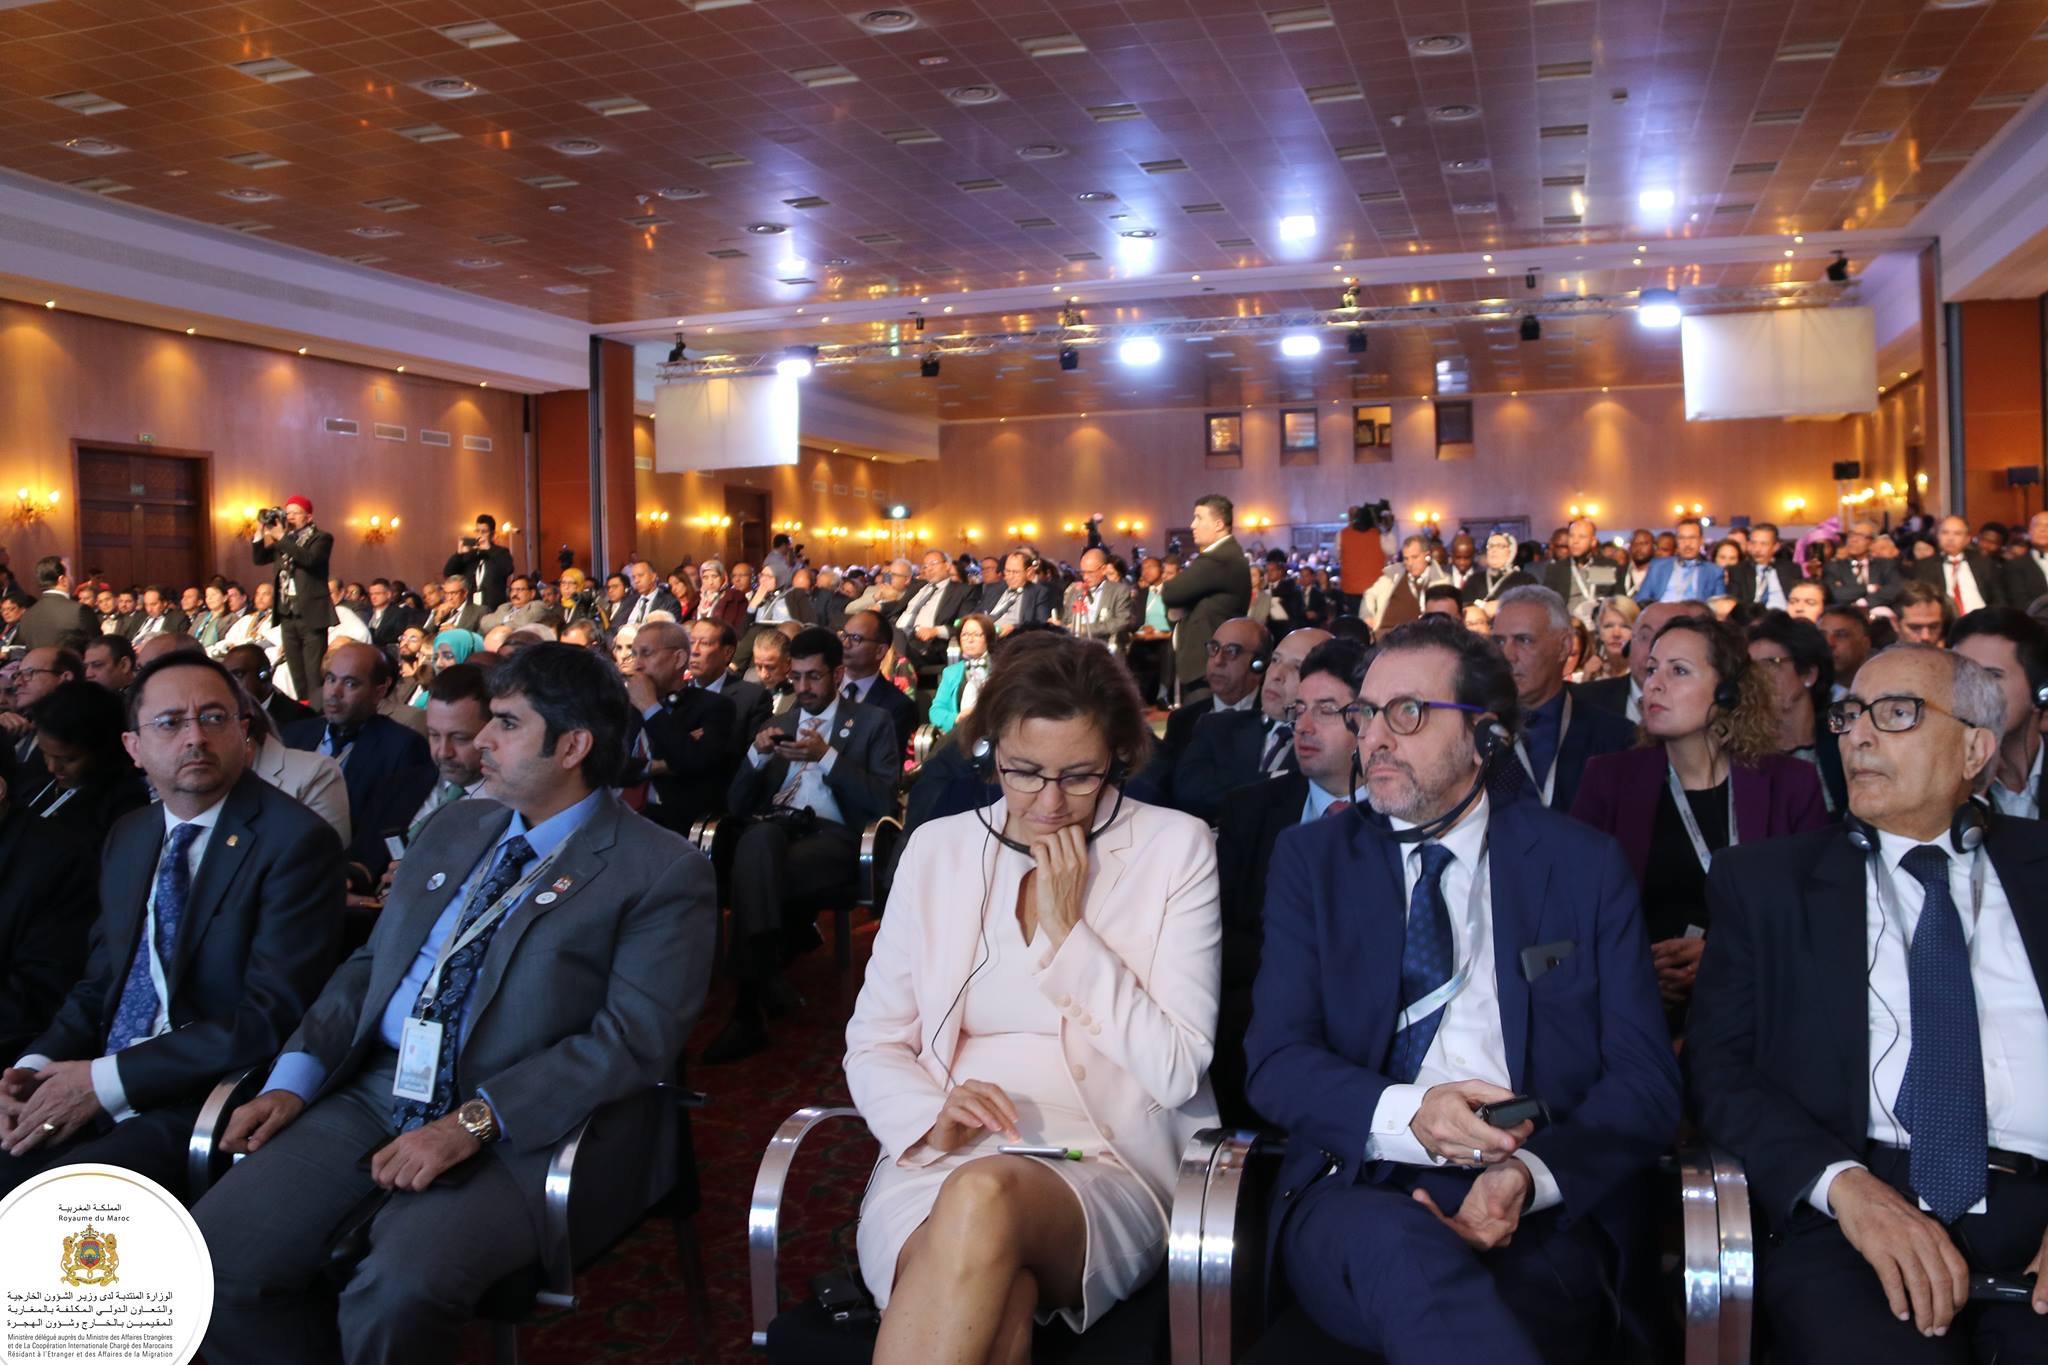 اختتام الدورة 11 للمنتدى الدولي للهجرة والتنمية بمراكش 2